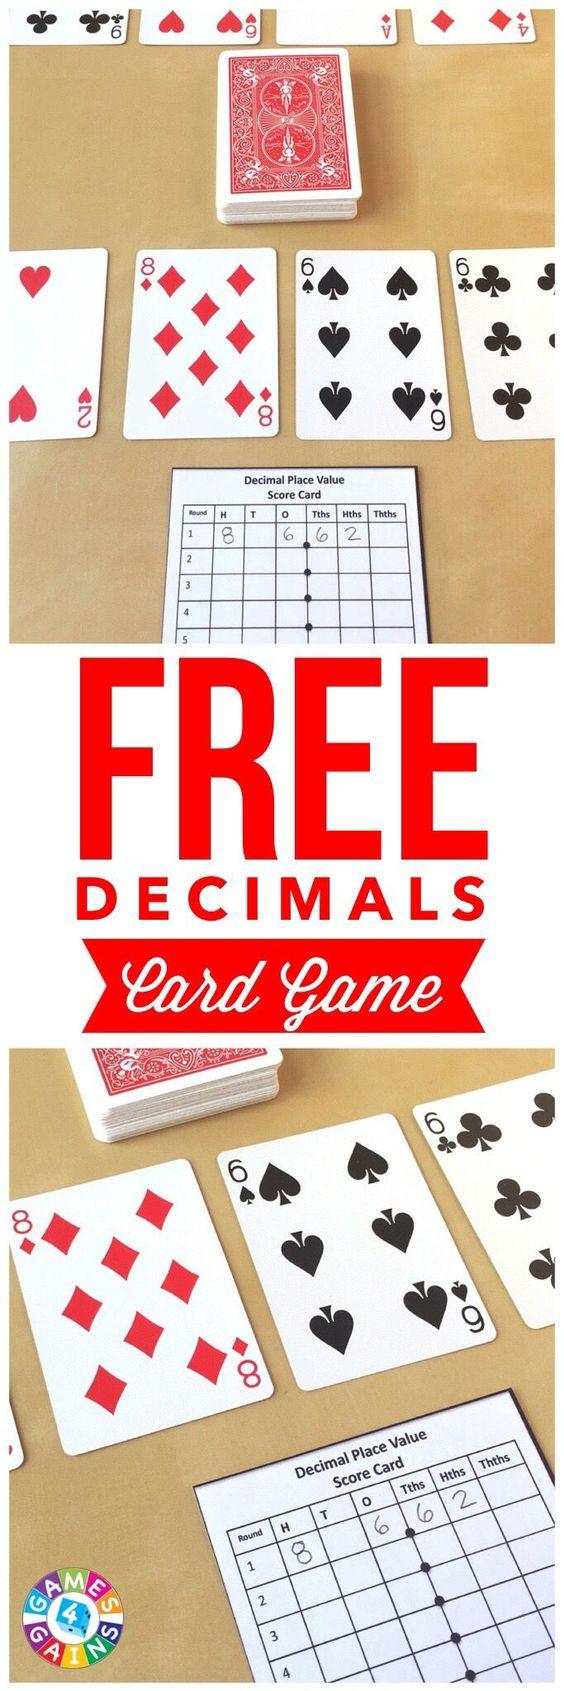 在这个快速简便的小数值游戏中,学生们使用扑克牌相互竞争以形成最高十进制数。